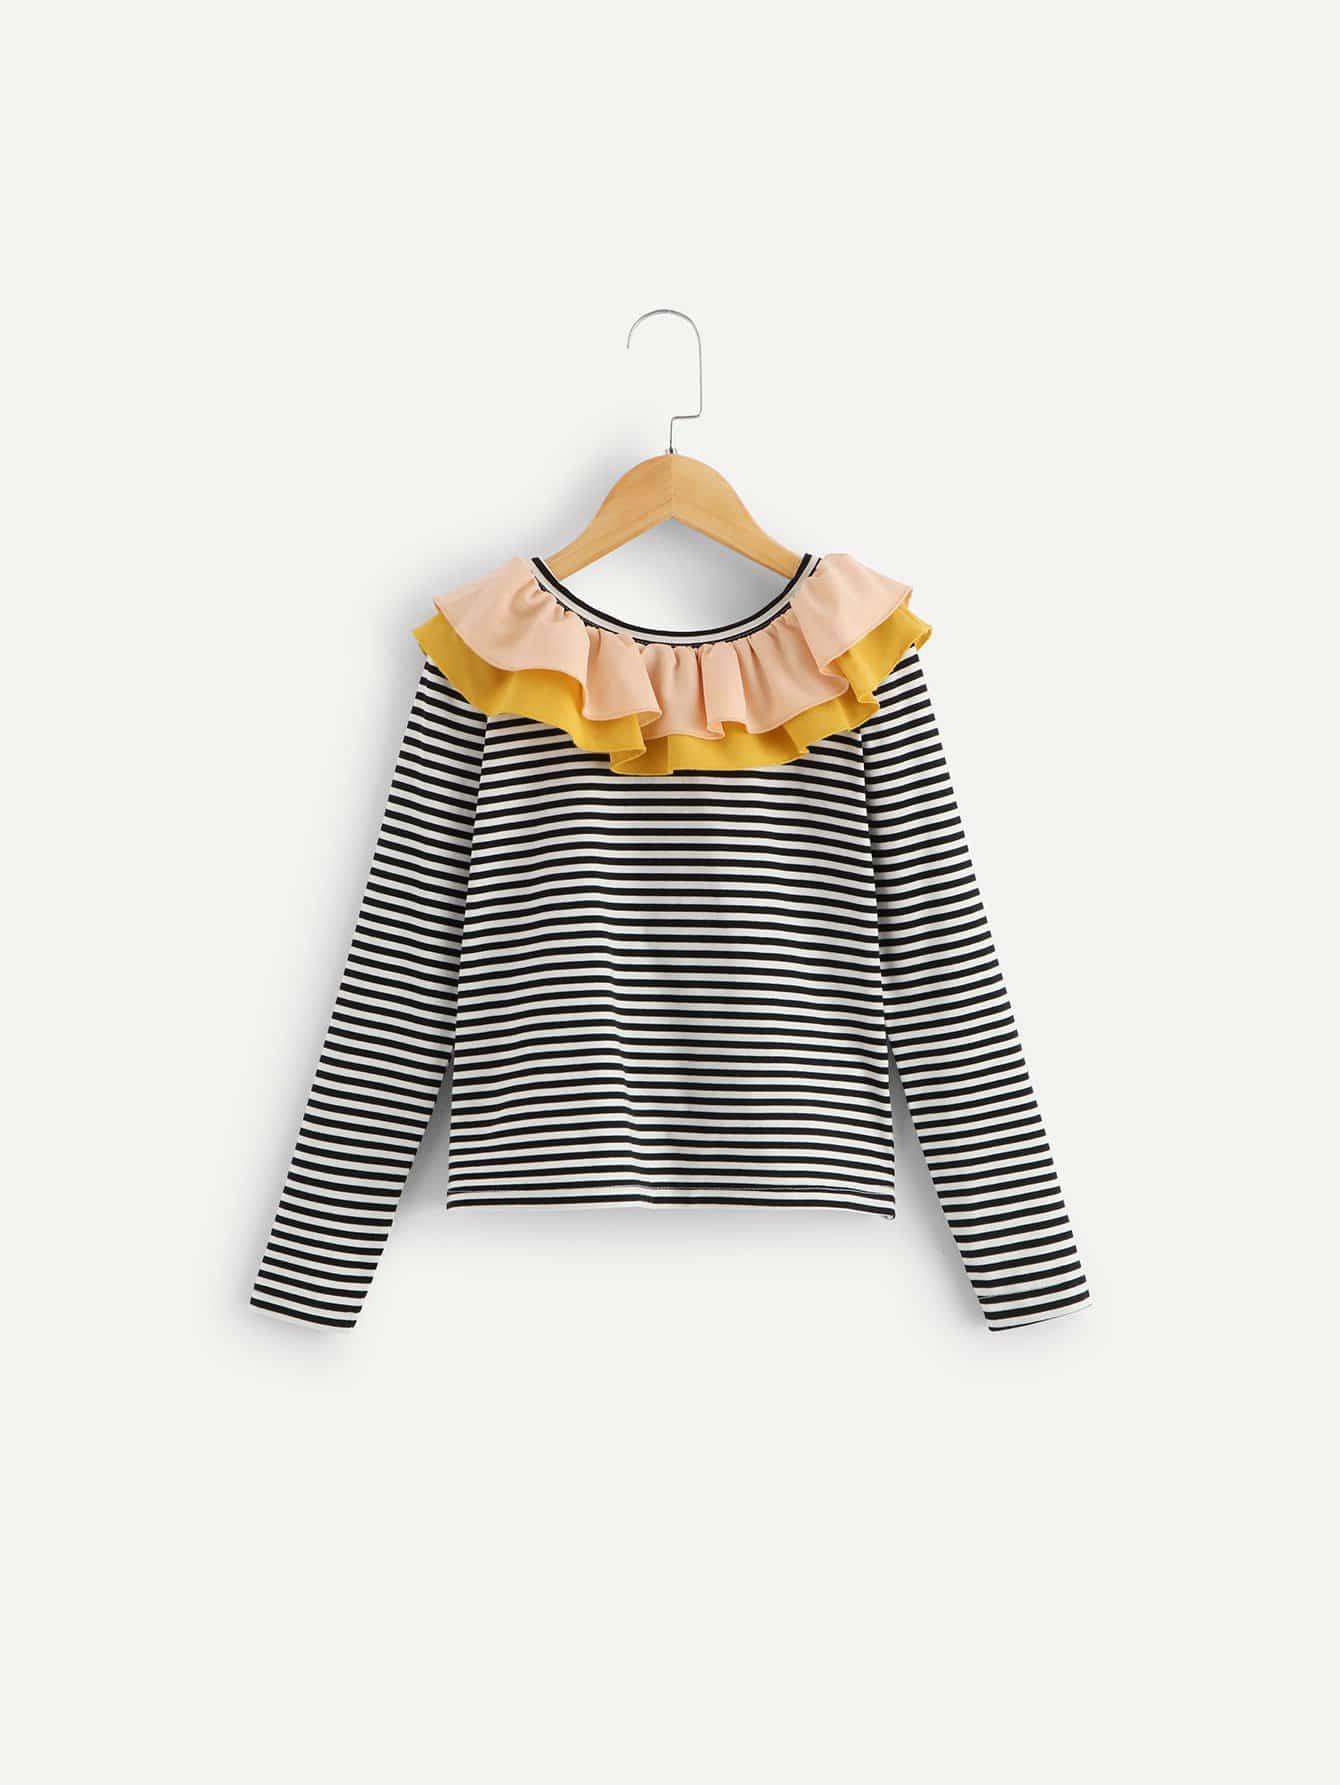 Купить Полосатая футболка с накрахмаленными кружевными оборками для девочек, null, SheIn